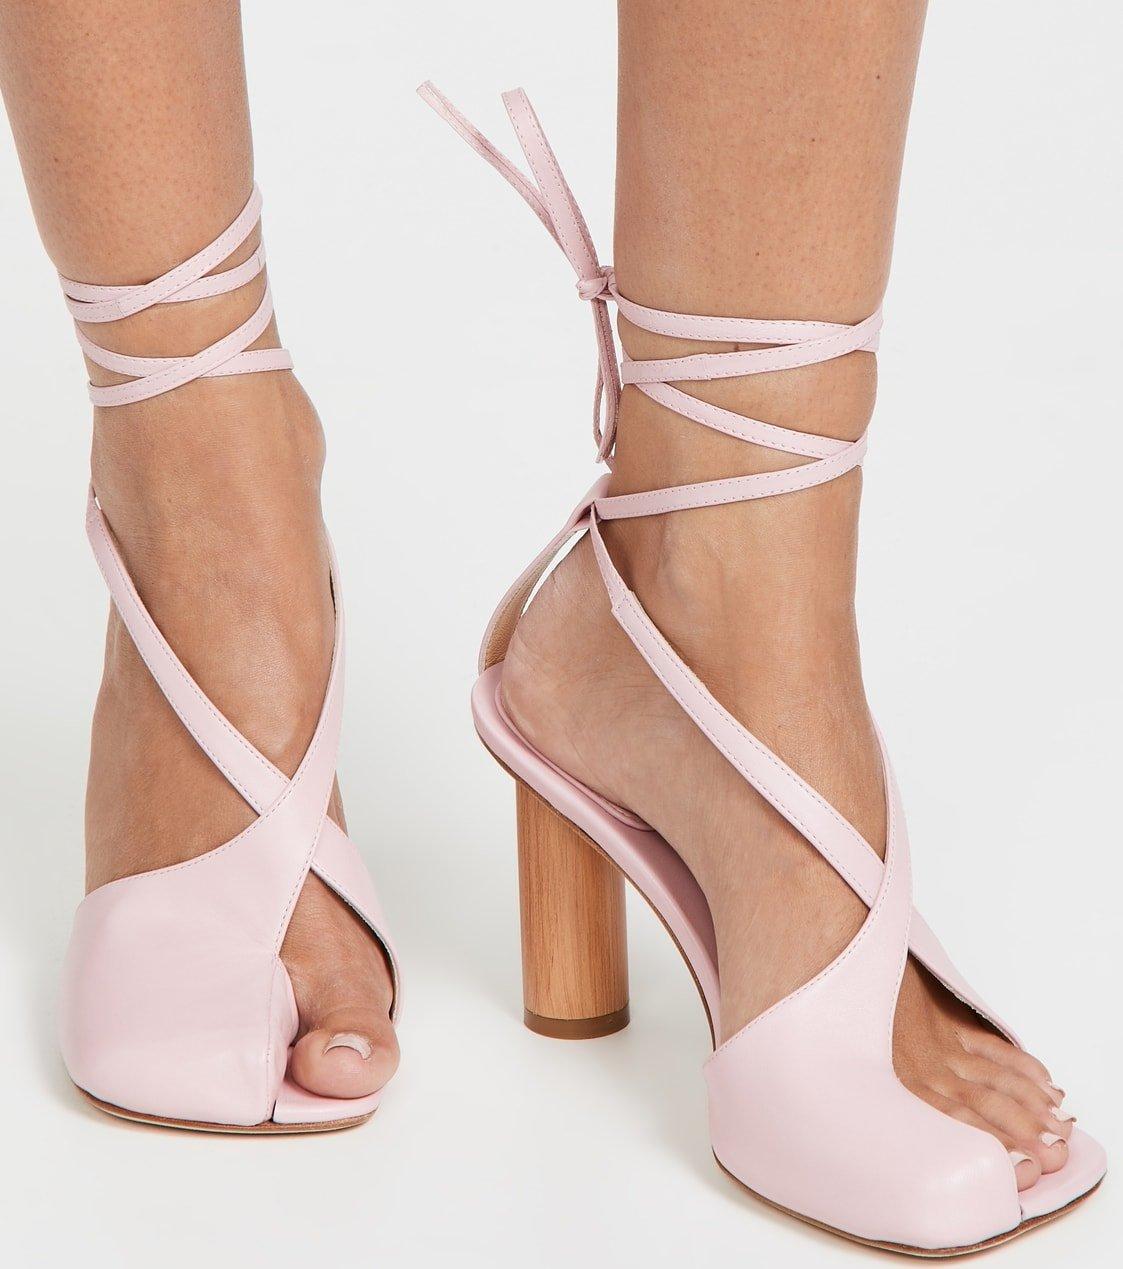 Pink cylindrical wooden heel A.W.A.K.E MODE Geraldine sandals